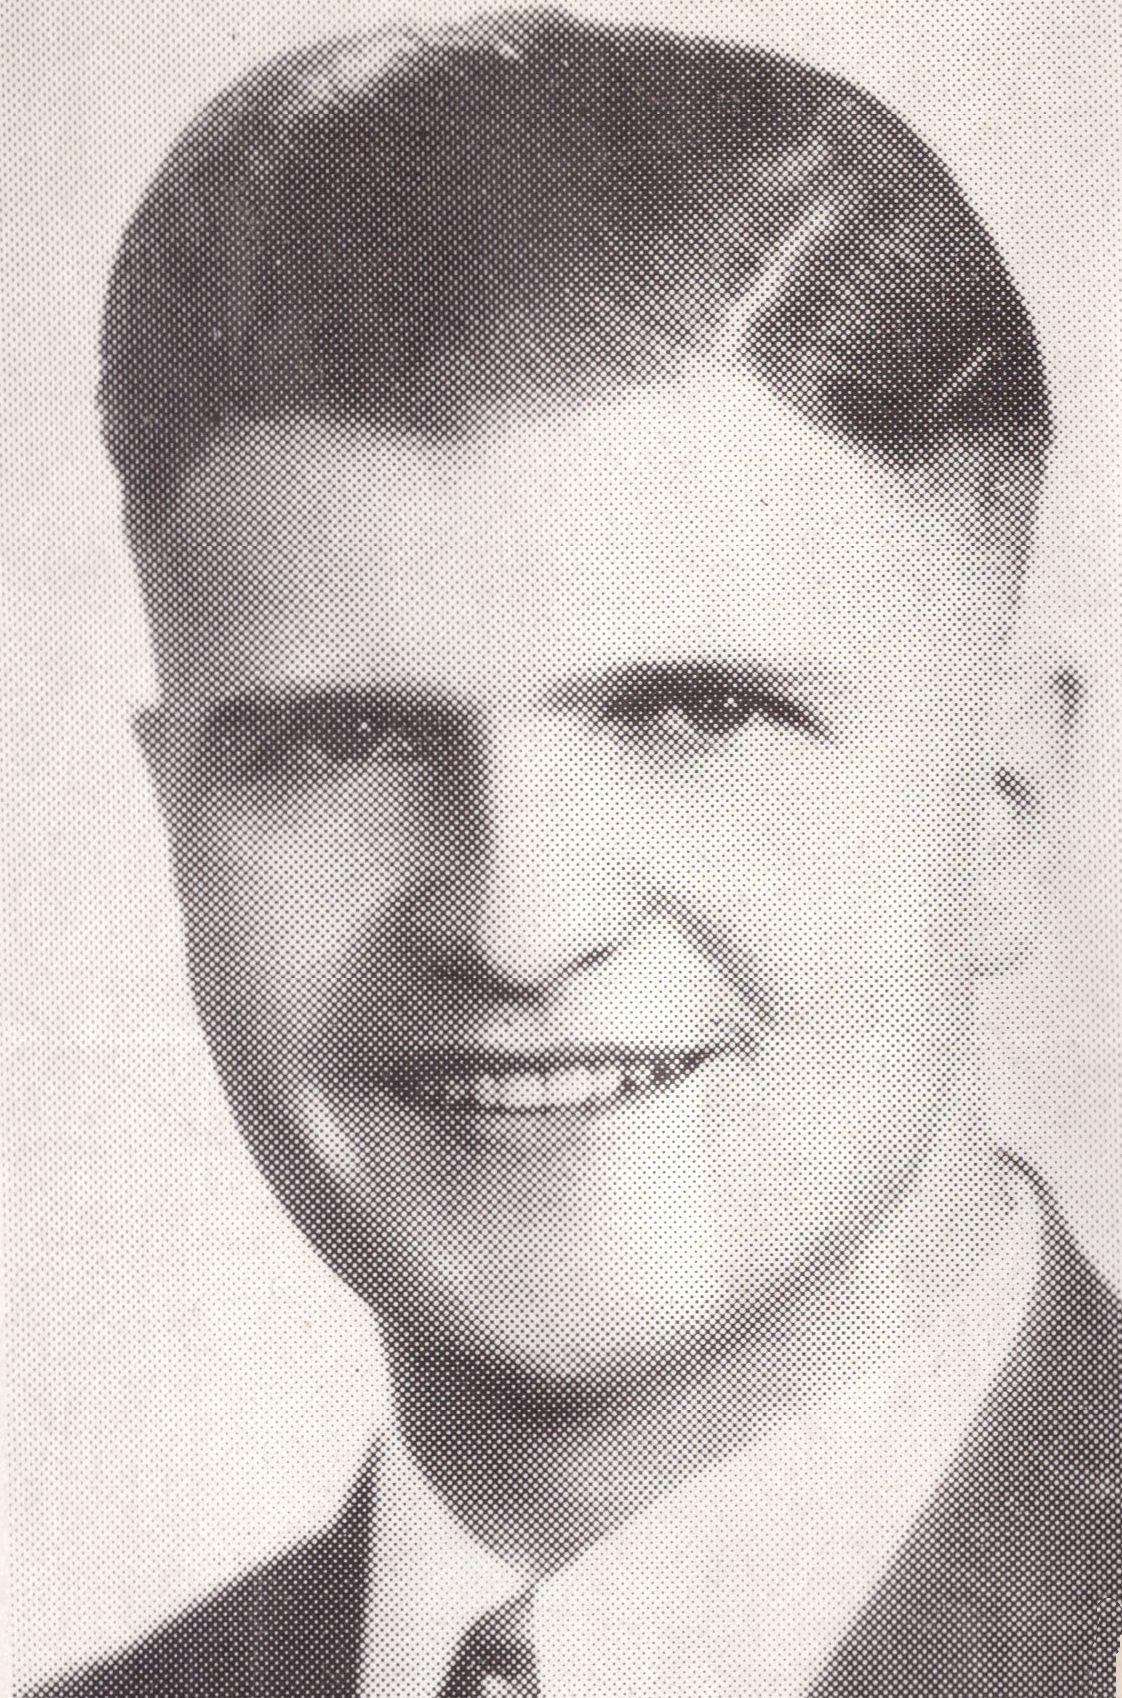 Harrison, Kenneth William